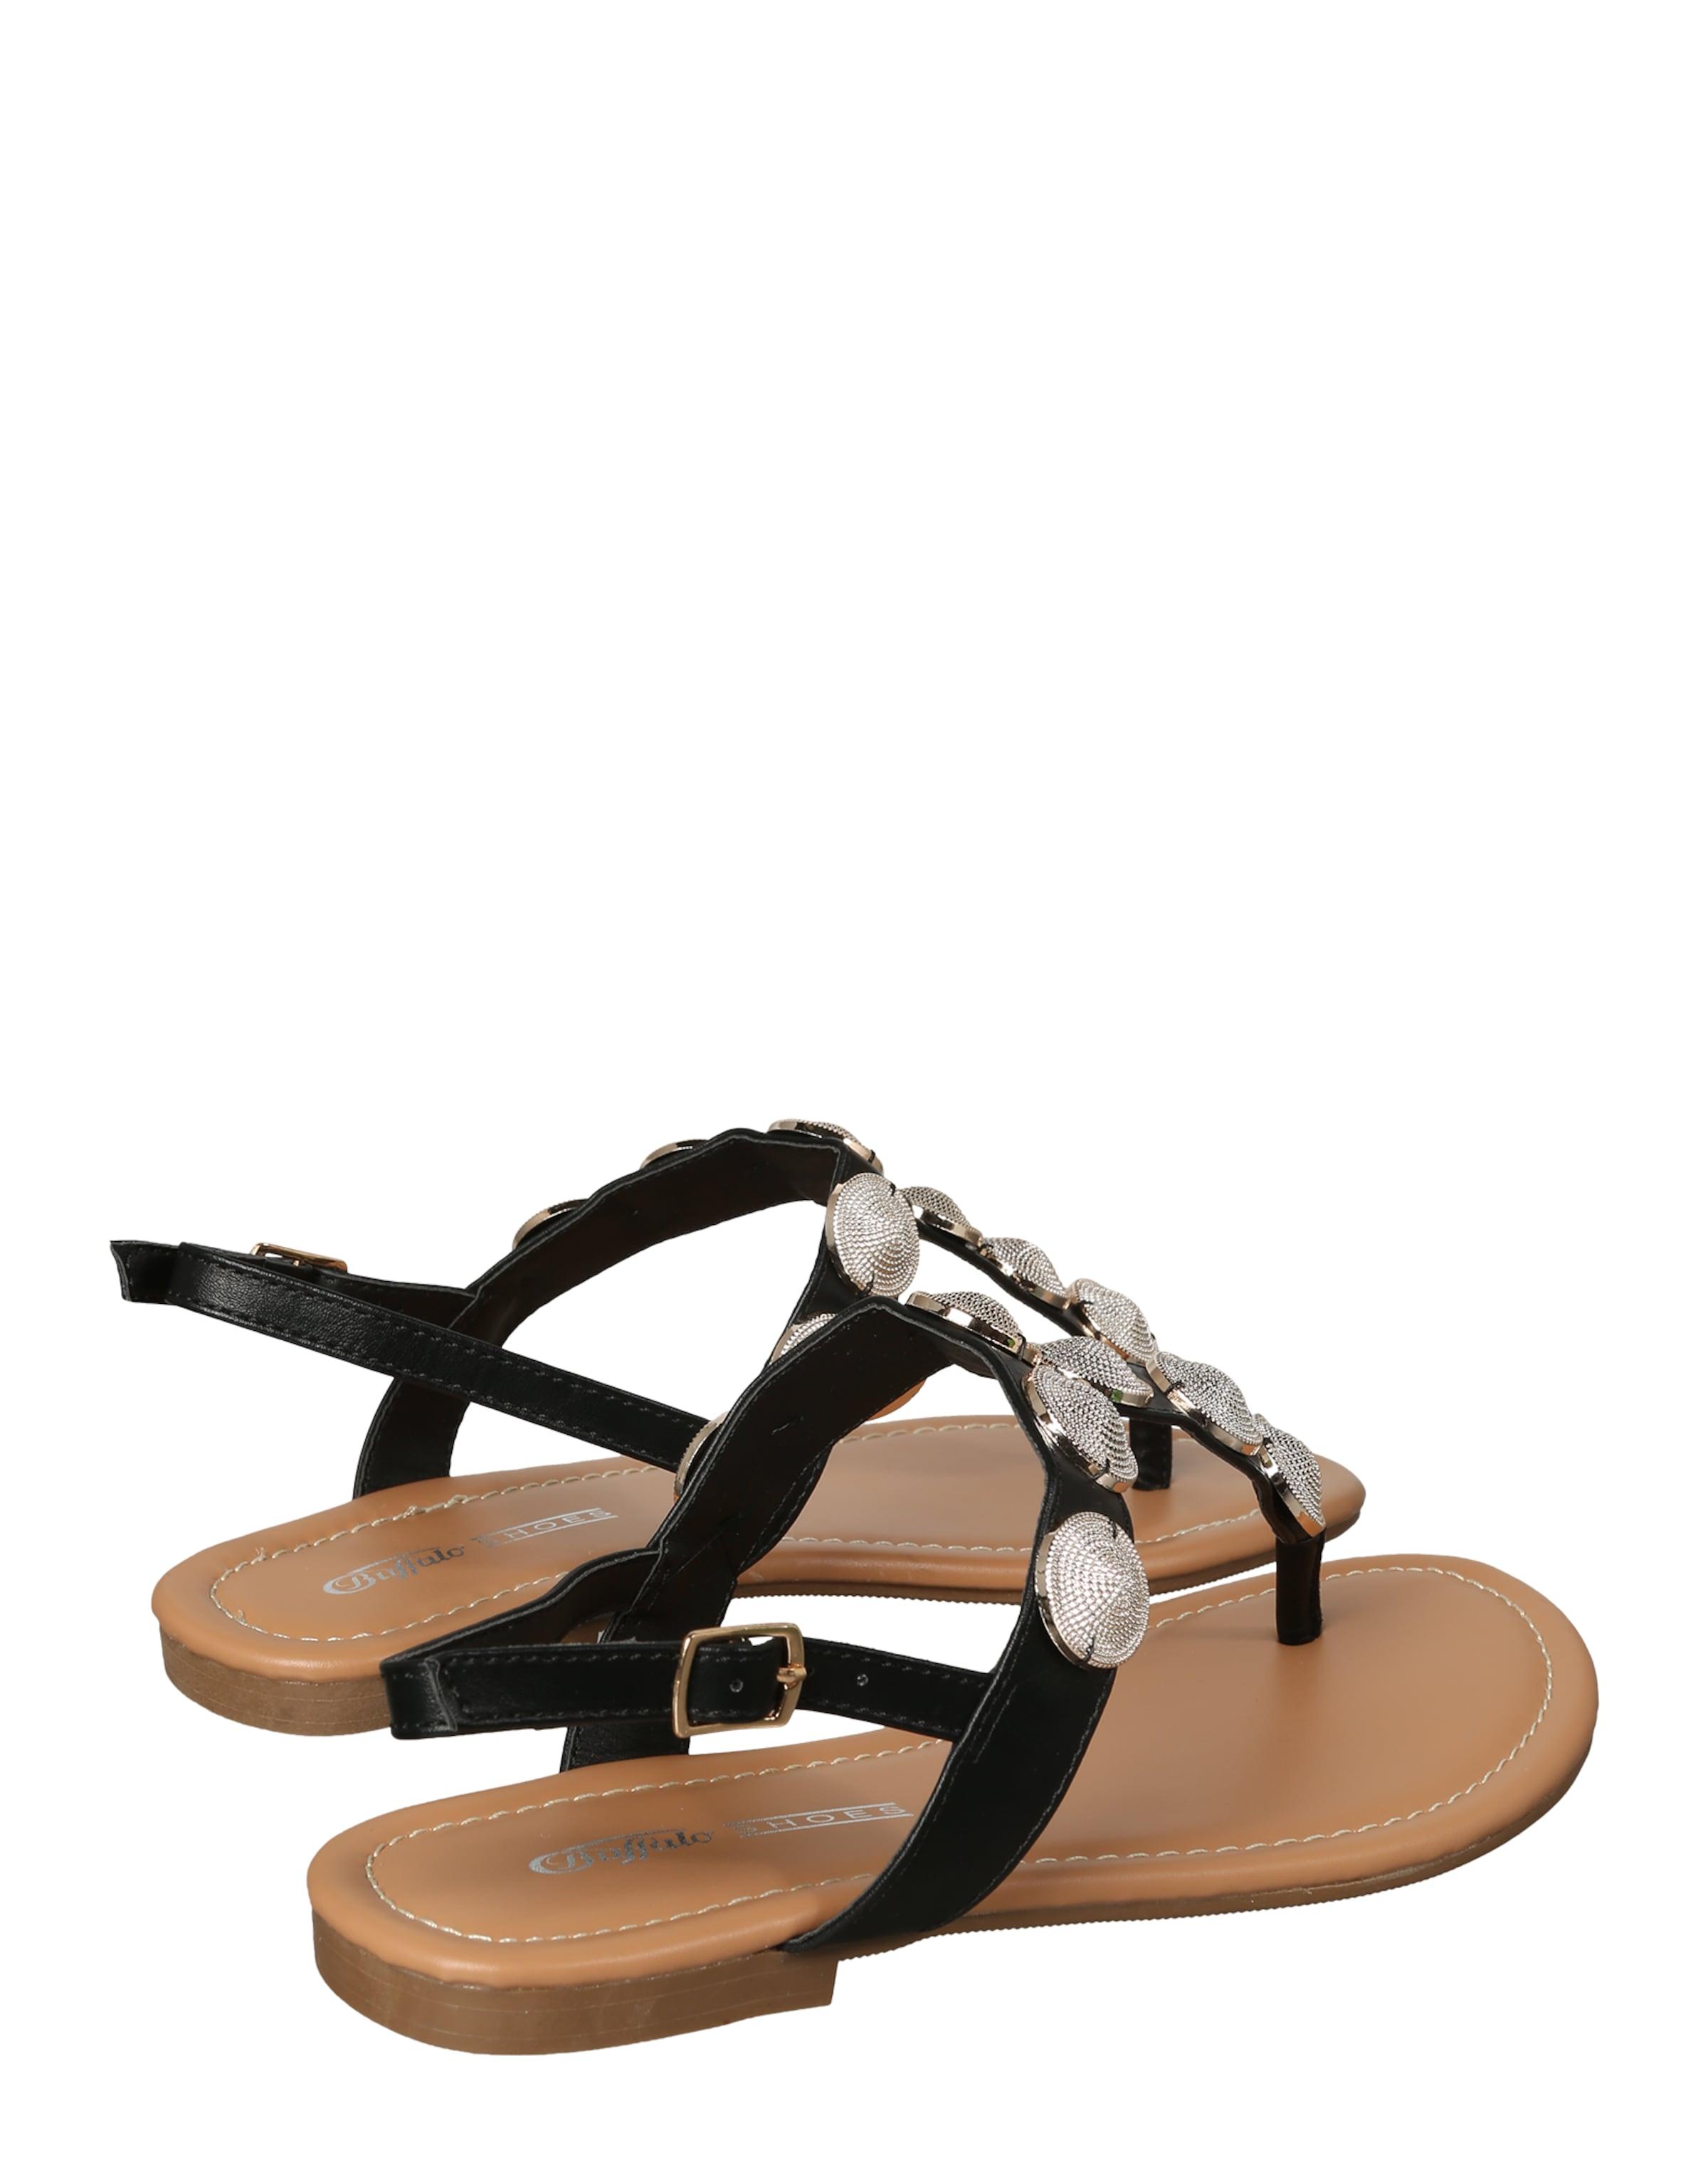 Günstig Kaufen Großen Rabatt Rabatt Zum Verkauf BUFFALO Sandaletten Billig Verkauf Erstaunlicher Preis 100% Original Online-Verkauf Verkauf Genießen KOXuTB1wW